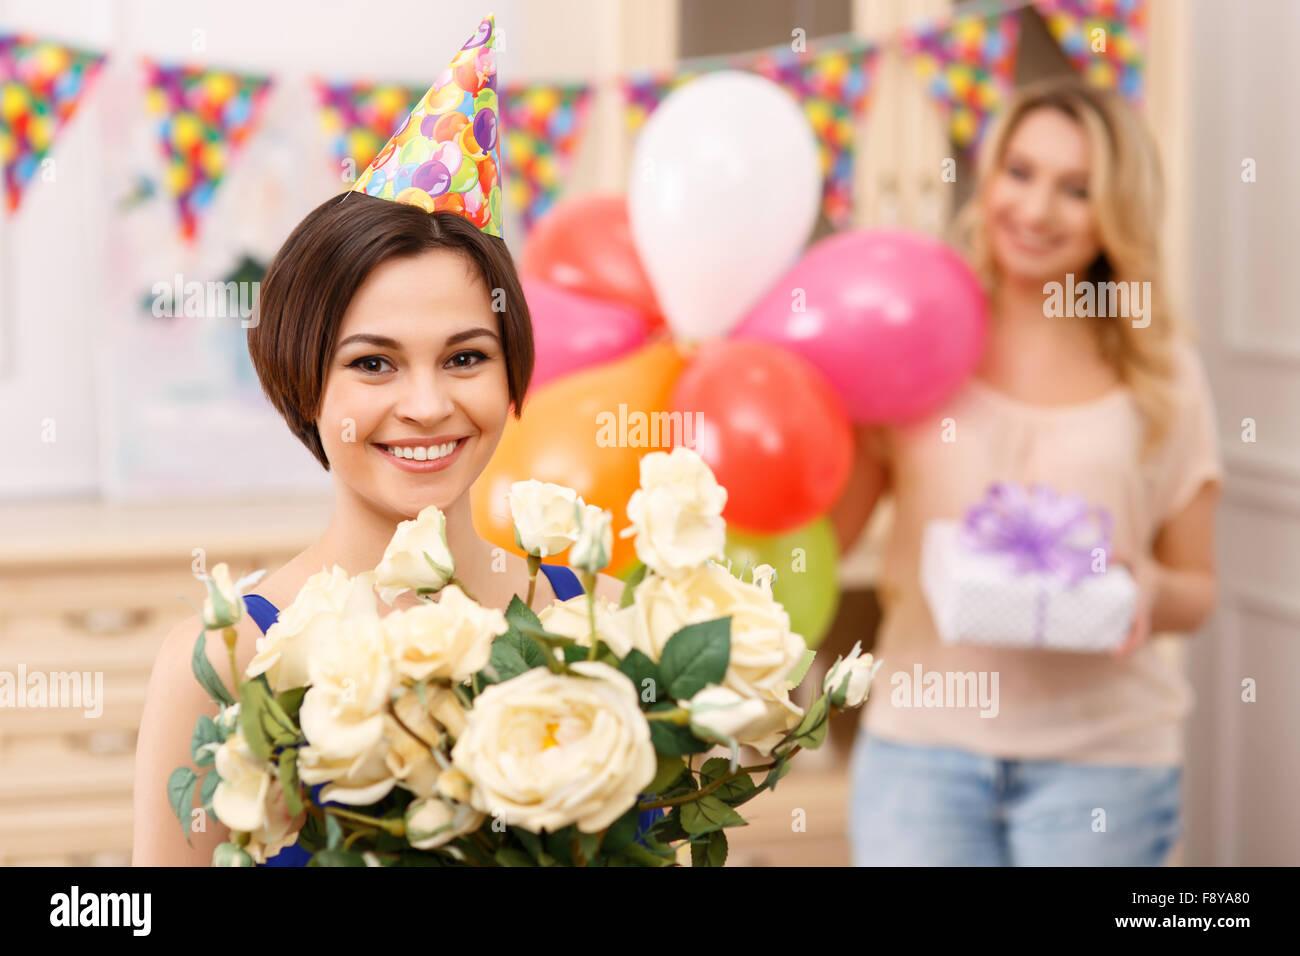 Jeune fille tenant un bouquet de fleurs Photo Stock